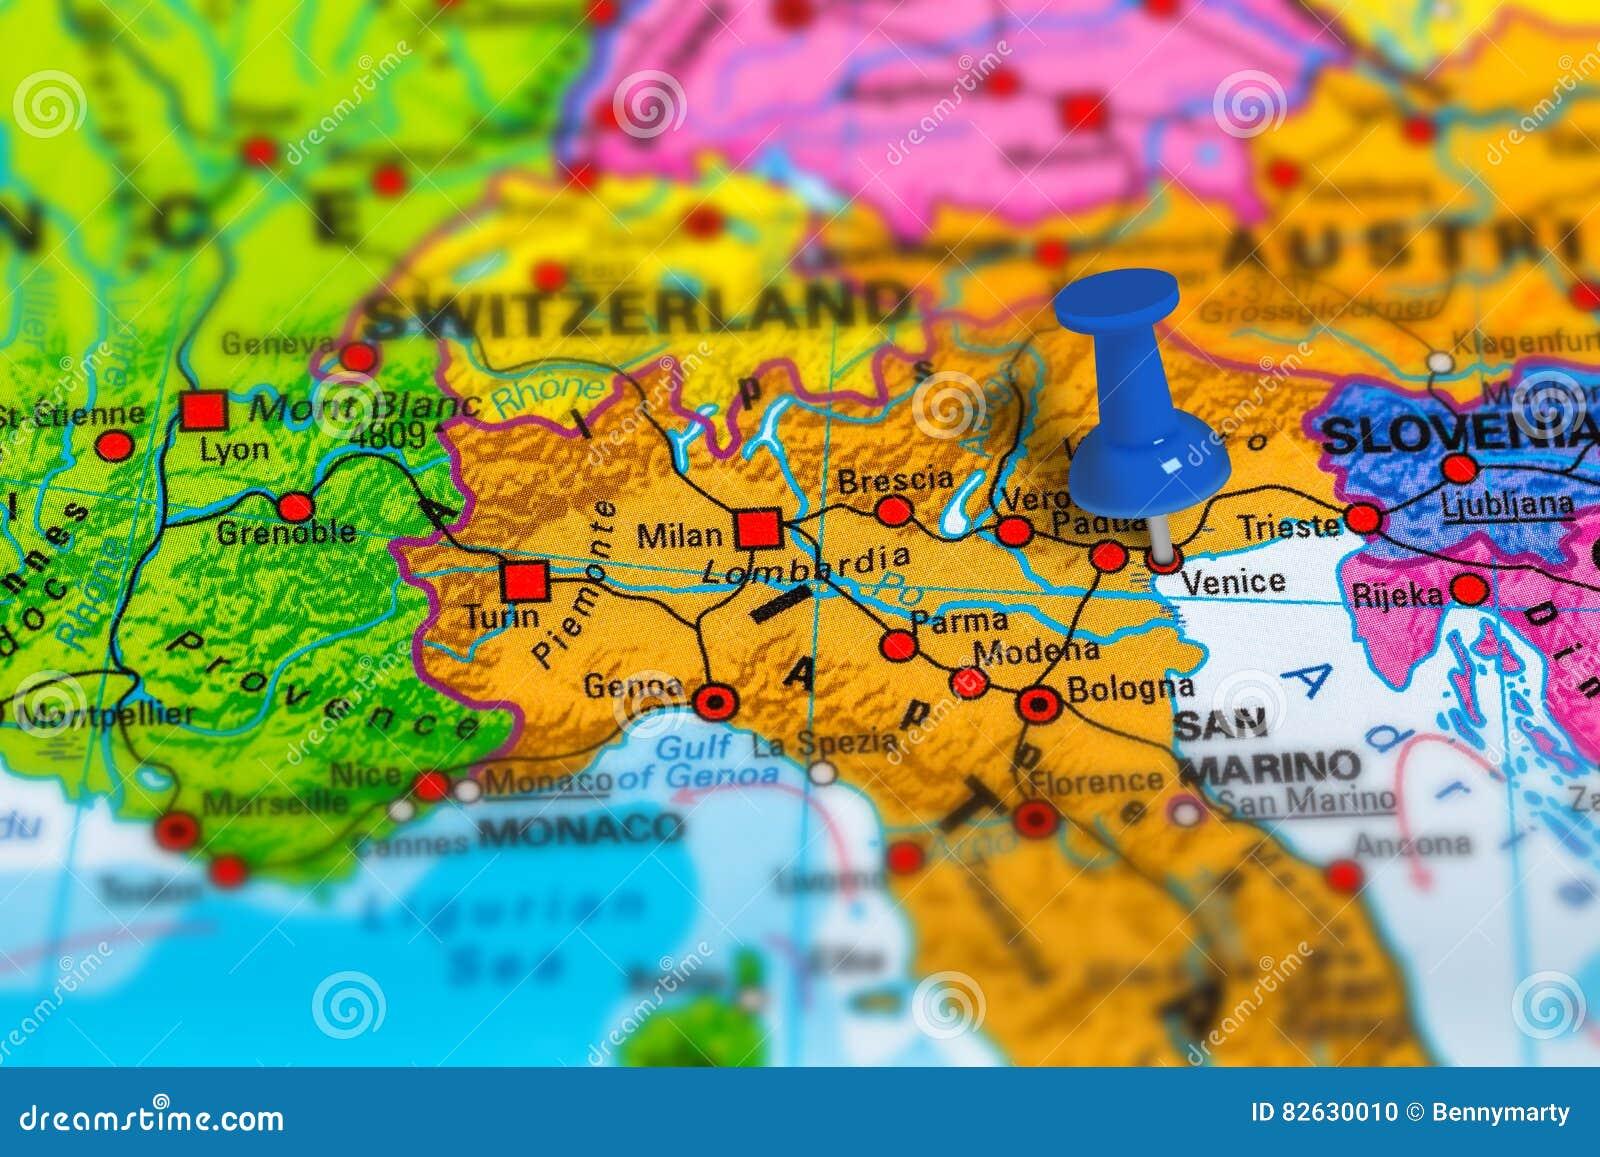 Wenecja Wlochy Mapa Zdjecie Stock Obraz Zlozonej Z Kartografia